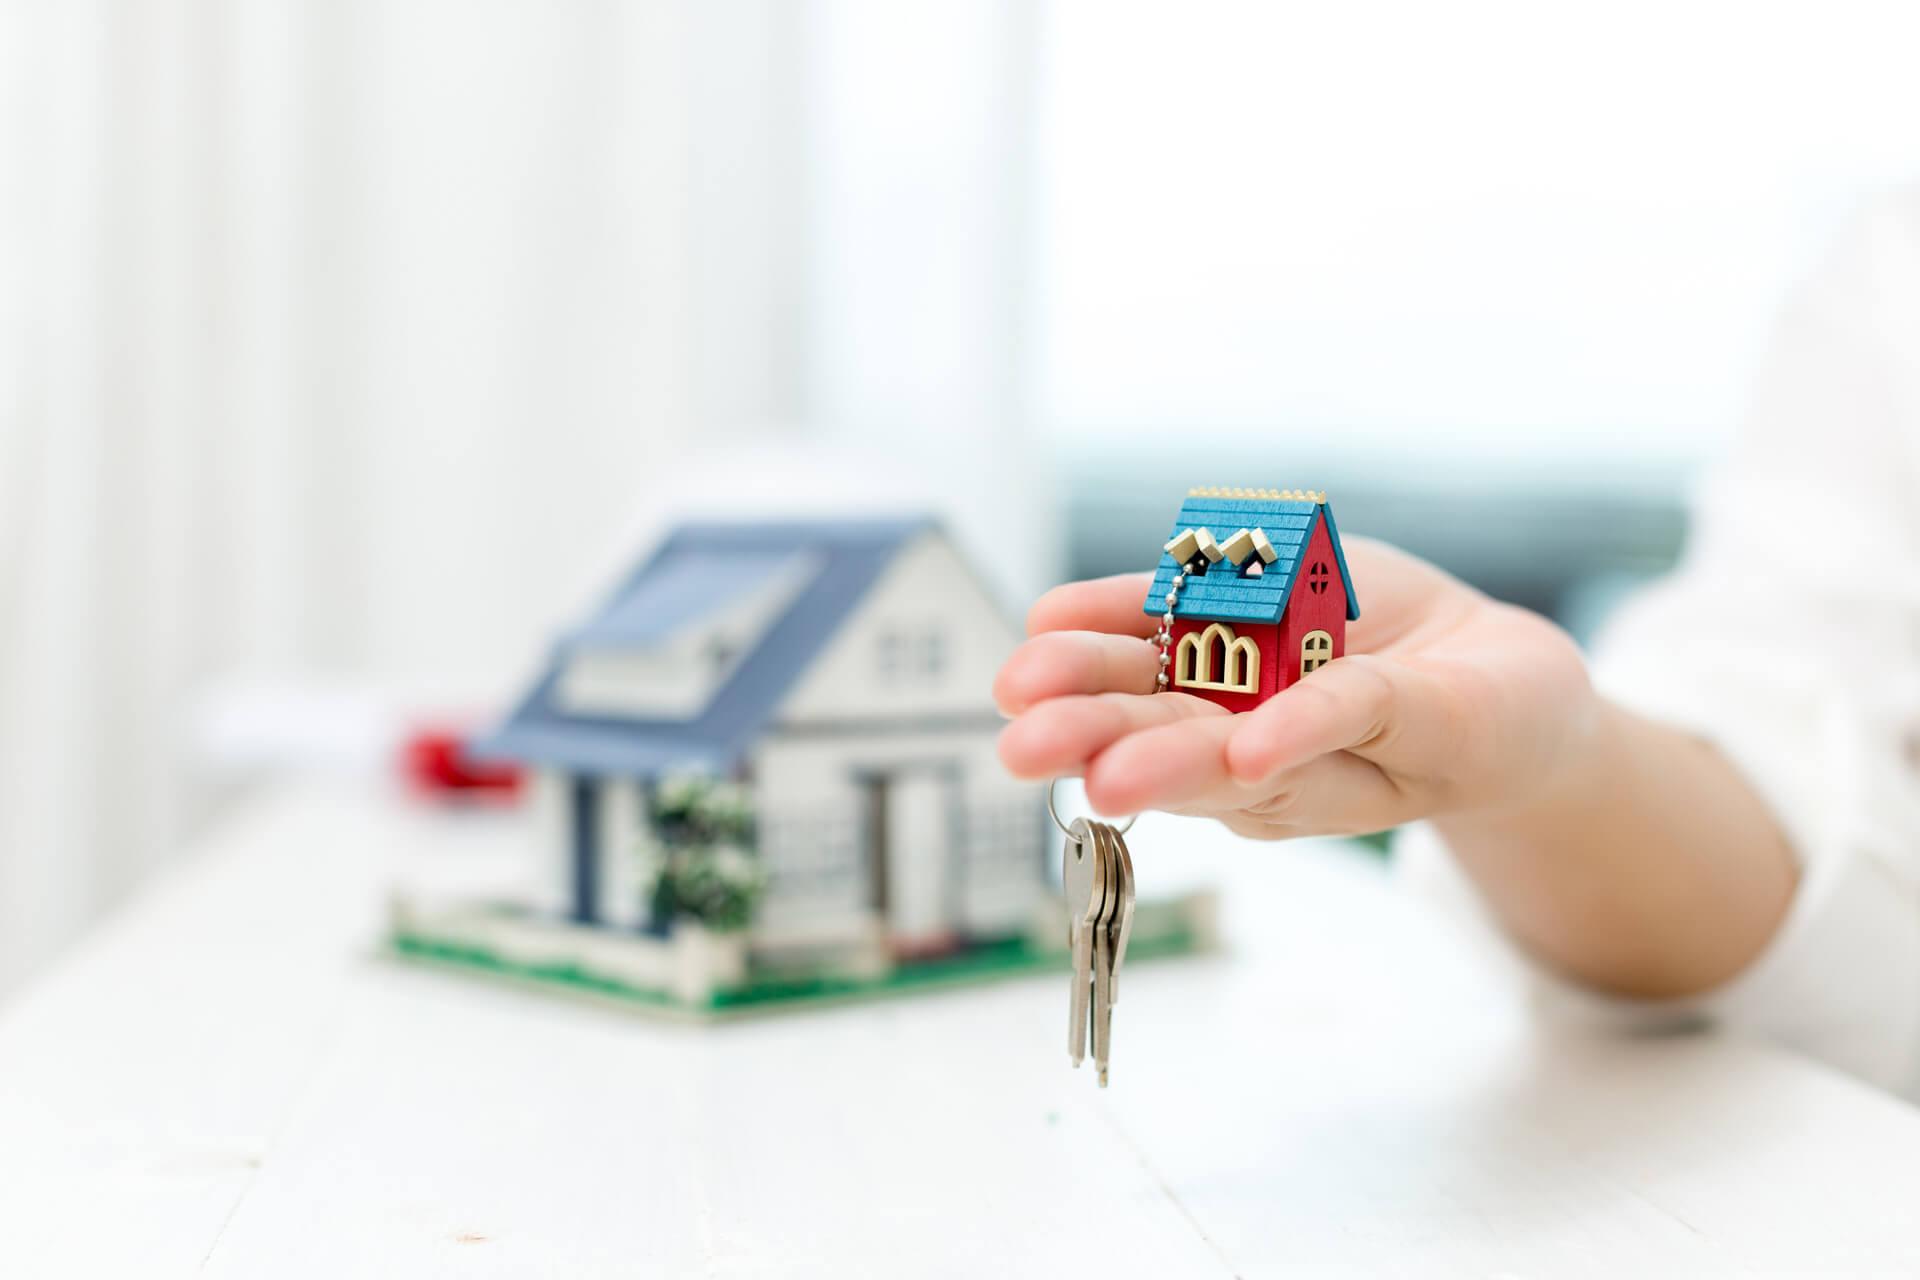 Agente de imóveis segurando modelo e chaves